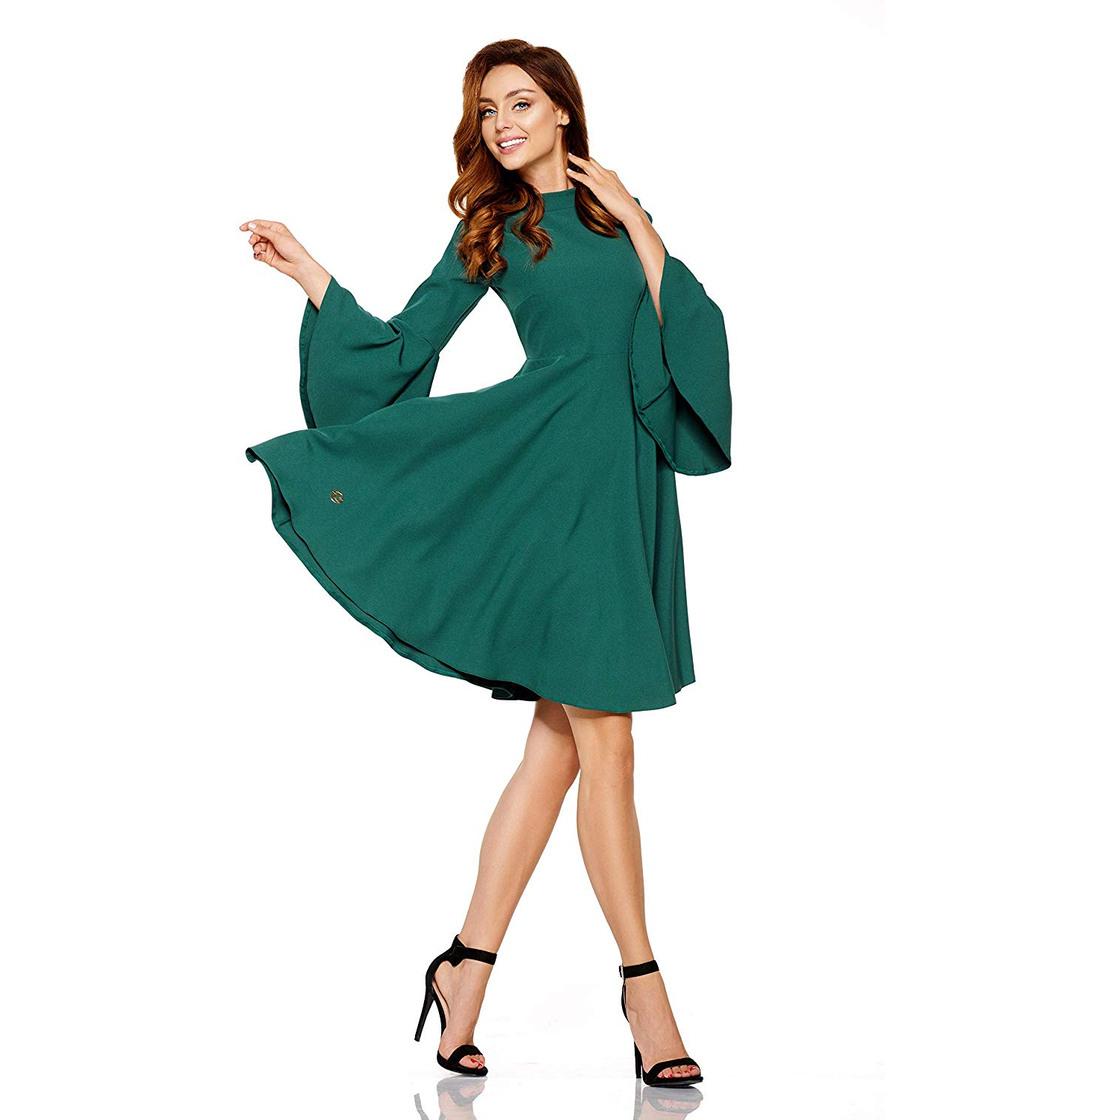 17 Erstaunlich Kleid Damen Kurz für 201915 Schön Kleid Damen Kurz für 2019